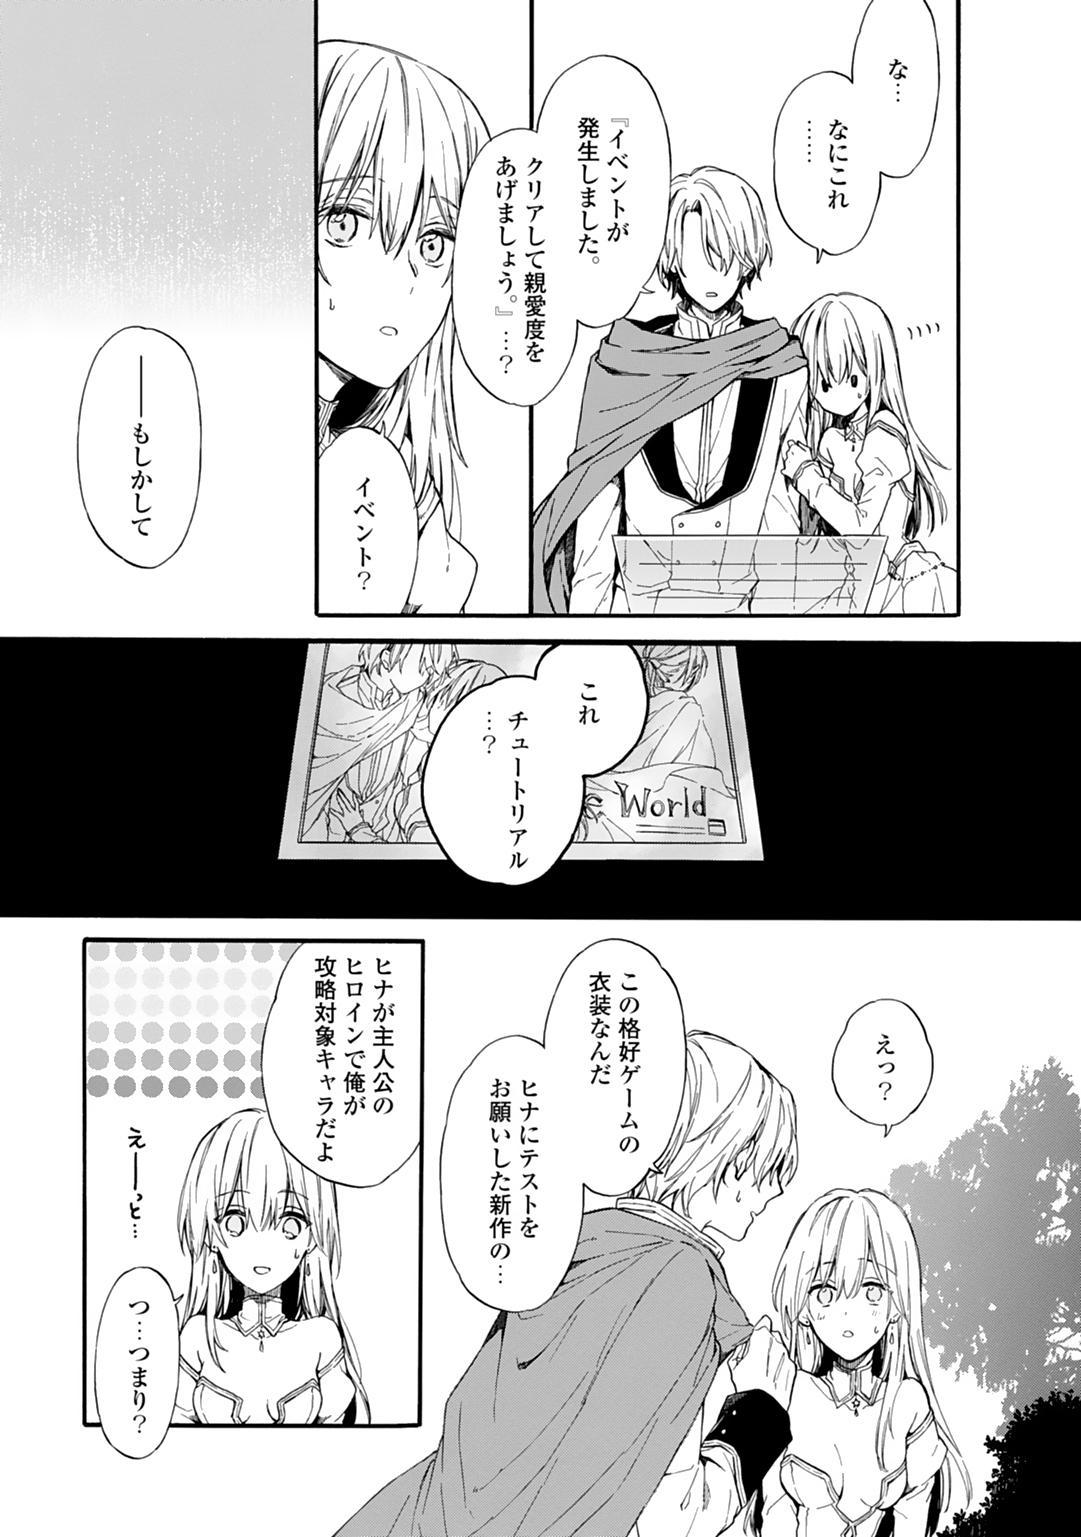 [Suzushiro Nerita] Otomege (18-kin) de Nyotaika shita Ore wa ~Clear Jouken wa Dekiai Ecchi!?~ 1-2 12